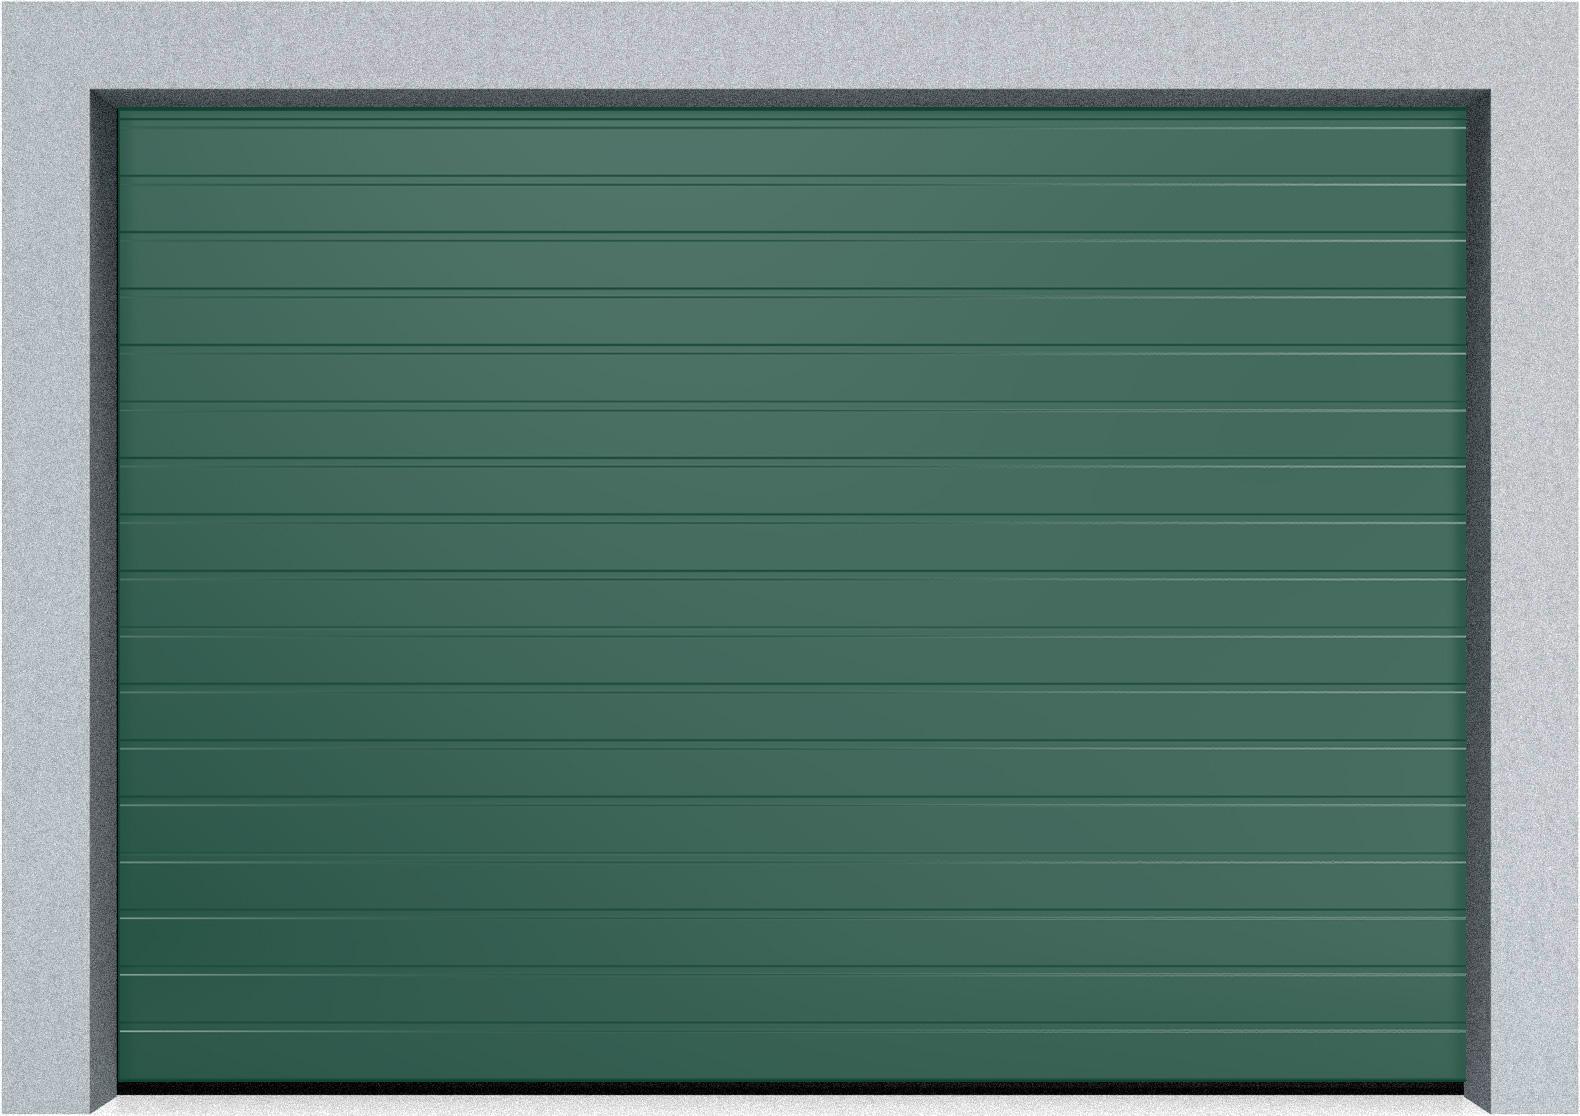 Секционные промышленные ворота Alutech ProTrend 2875х2375 S-гофр, Микроволна стандартные цвета, фото 7